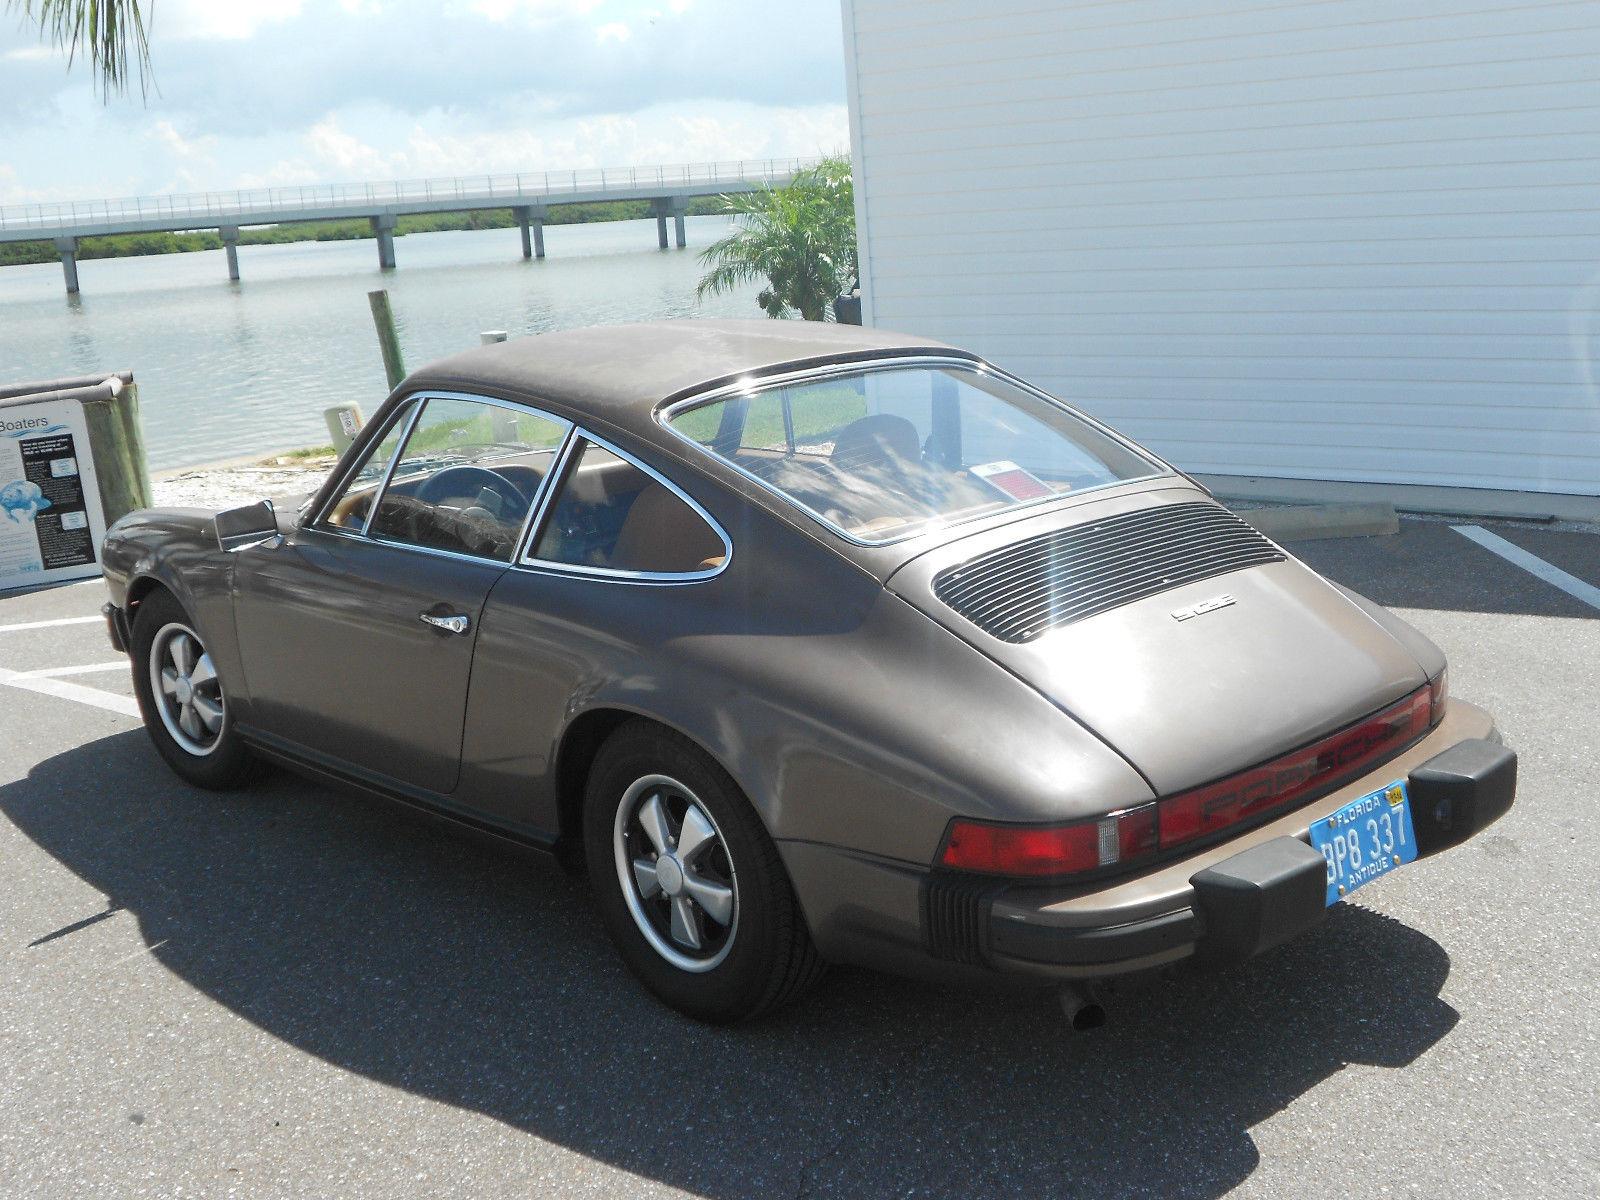 Faded Ol Rust Free Porsche 912e For Sale In Saint